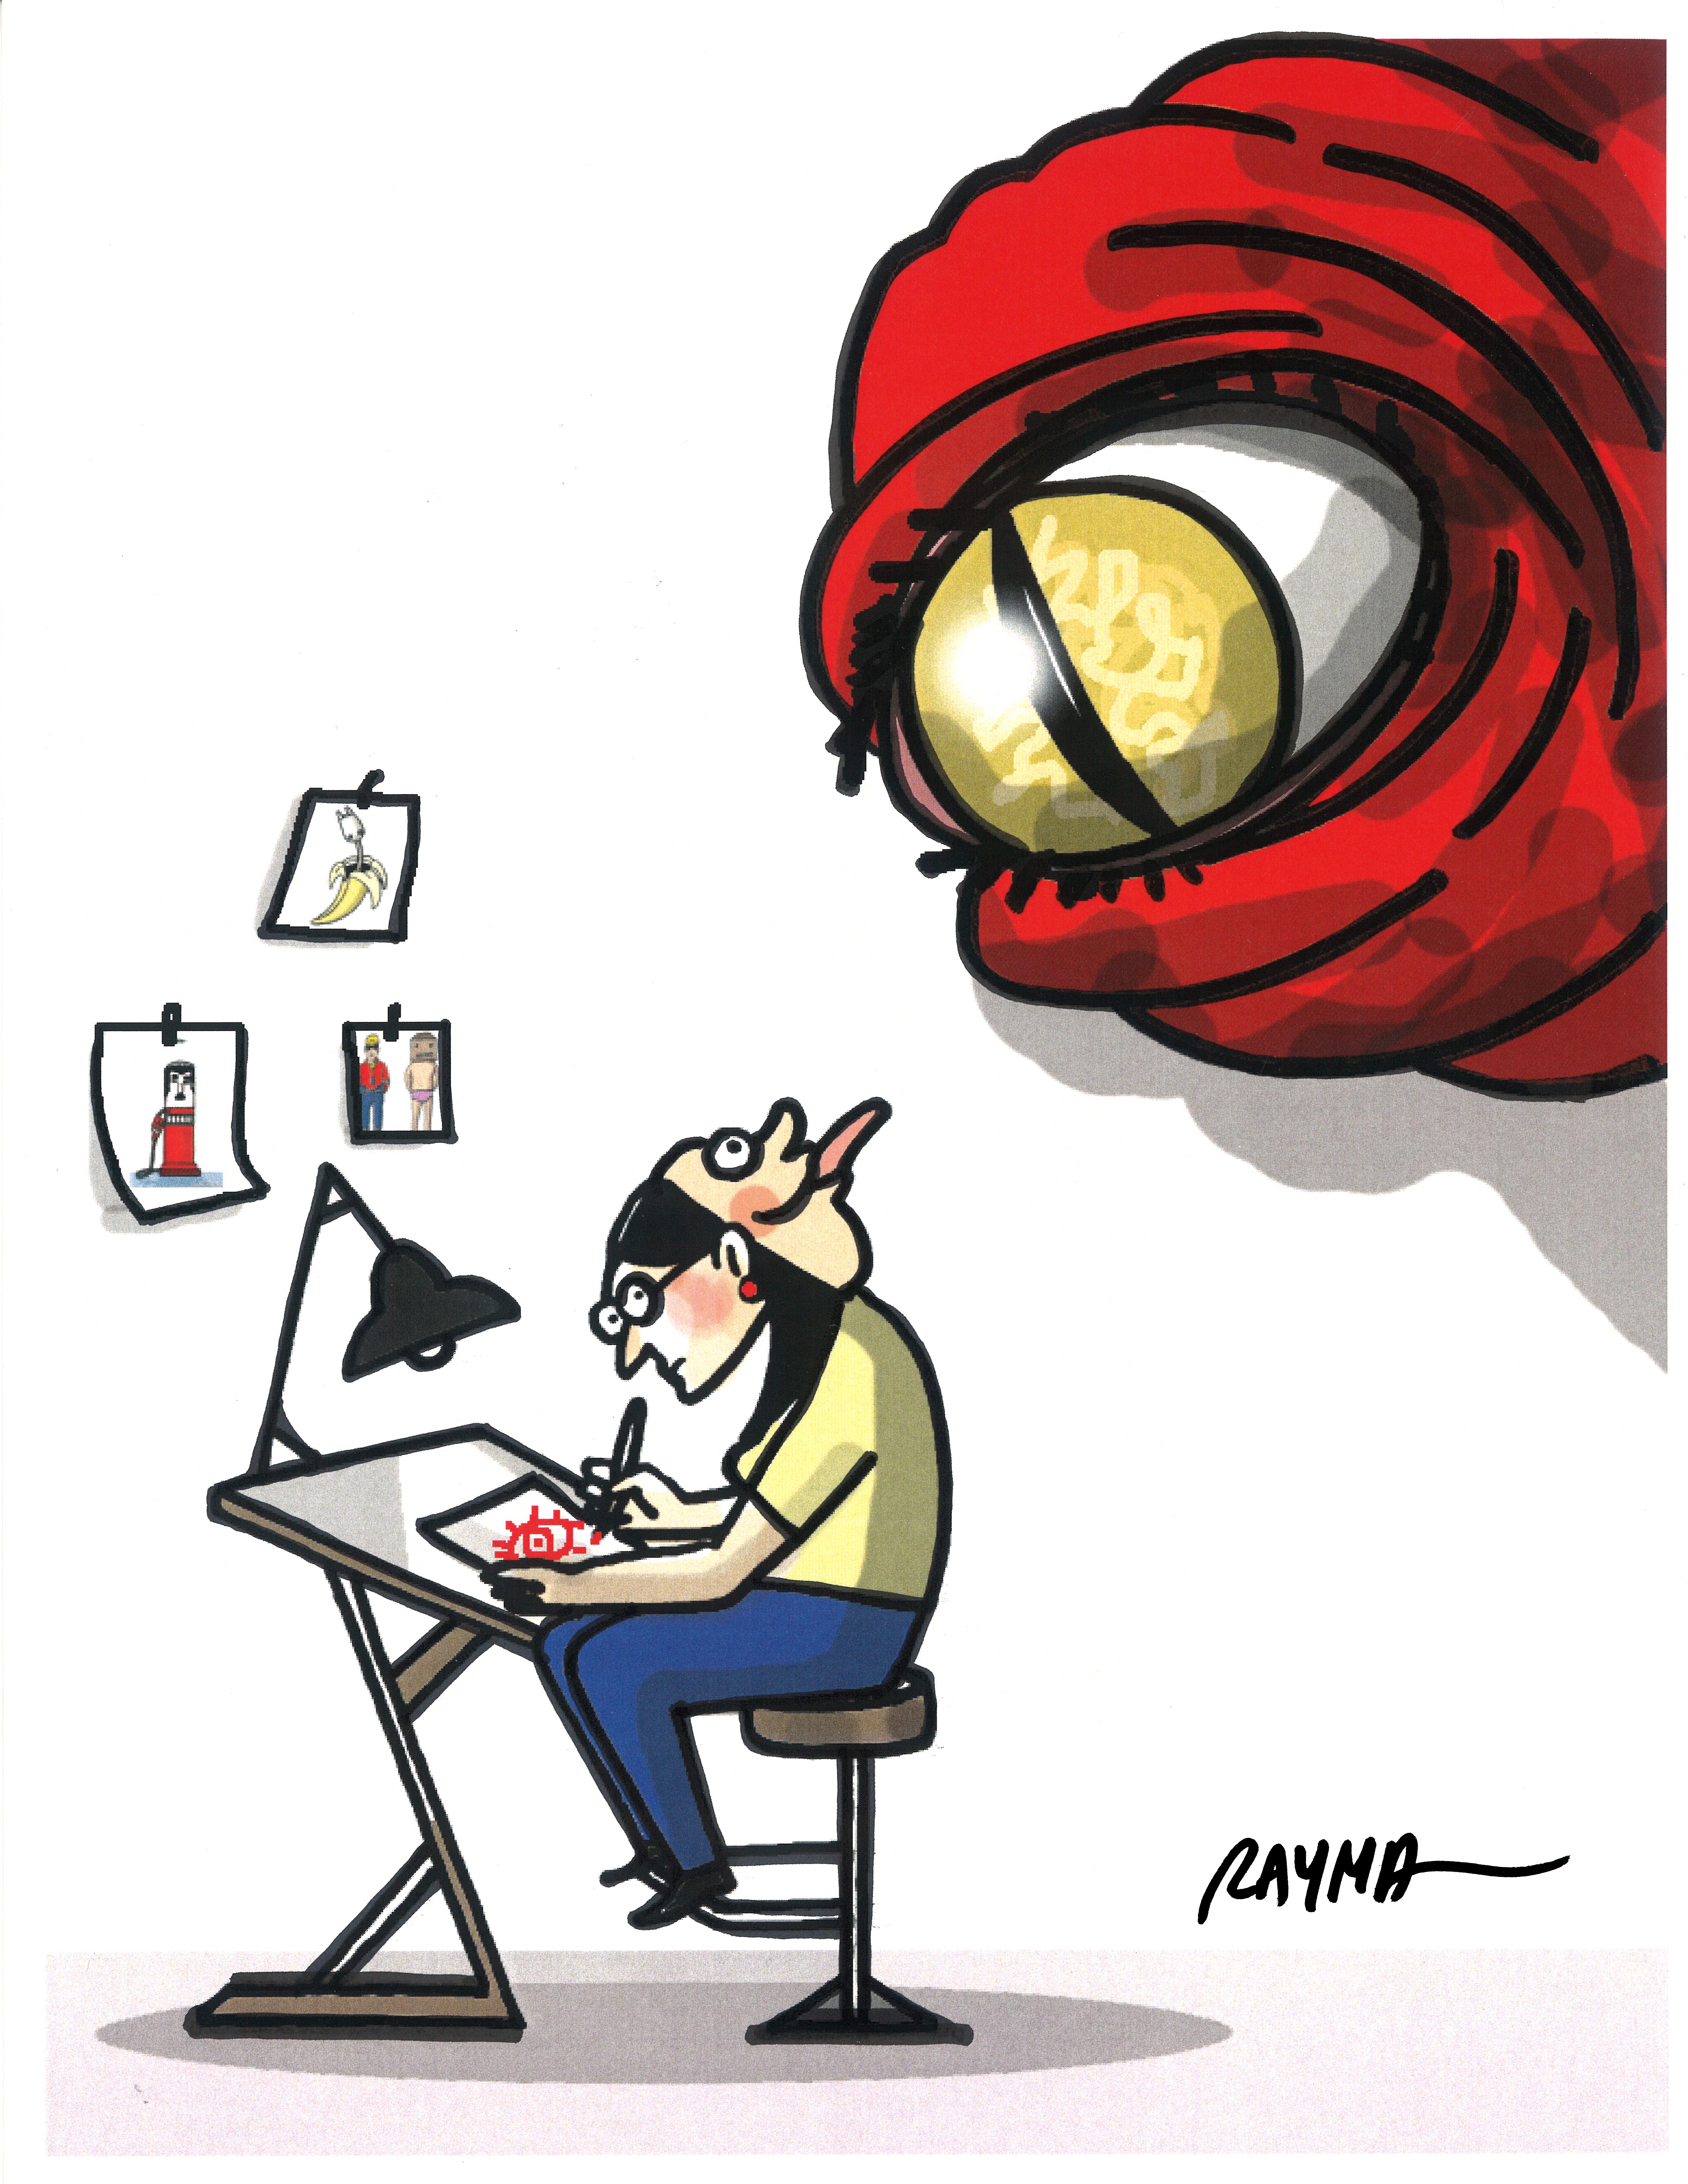 RAYMA-cartoonist-3